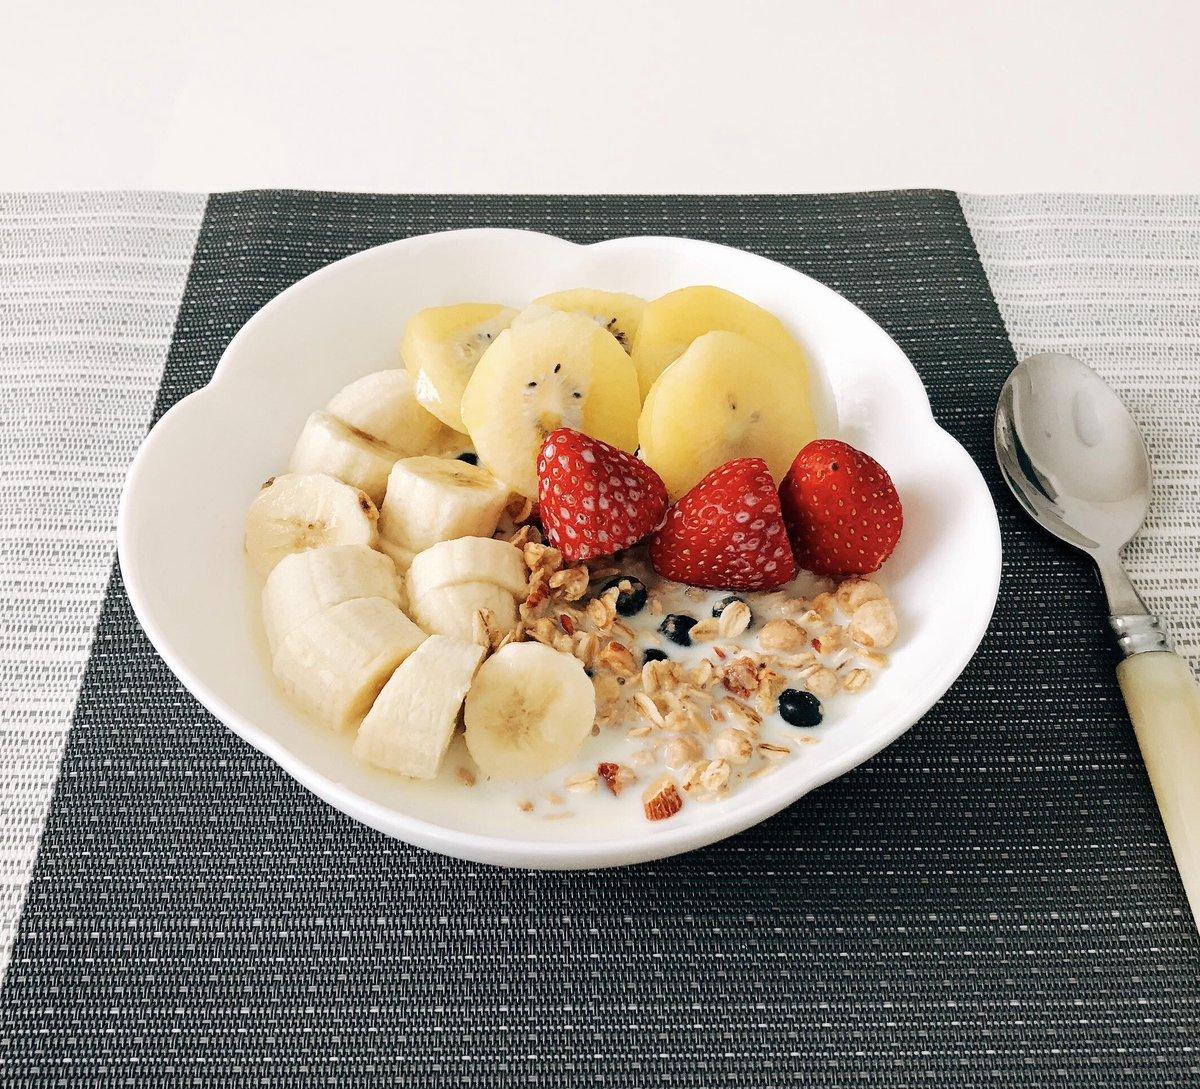 【ベジレシピ】混ぜて焼くだけ、簡単ヴィーガン&グルテンフリーグラノーラ 朝食やおやつにおすすめ!作り方はインスタに https://www.instagram.com/p/CA48IzBhLJp/?utm_source=ig_web_button_share_sheet…   #グラノーラ #granola #レシピ #recipe  #グルテンフリー #glutenfree #卵不使用 #eggfree #乳不使用 #milkfree #ヴィーガン #ビーガン #vegan pic.twitter.com/vgPJRB31SV